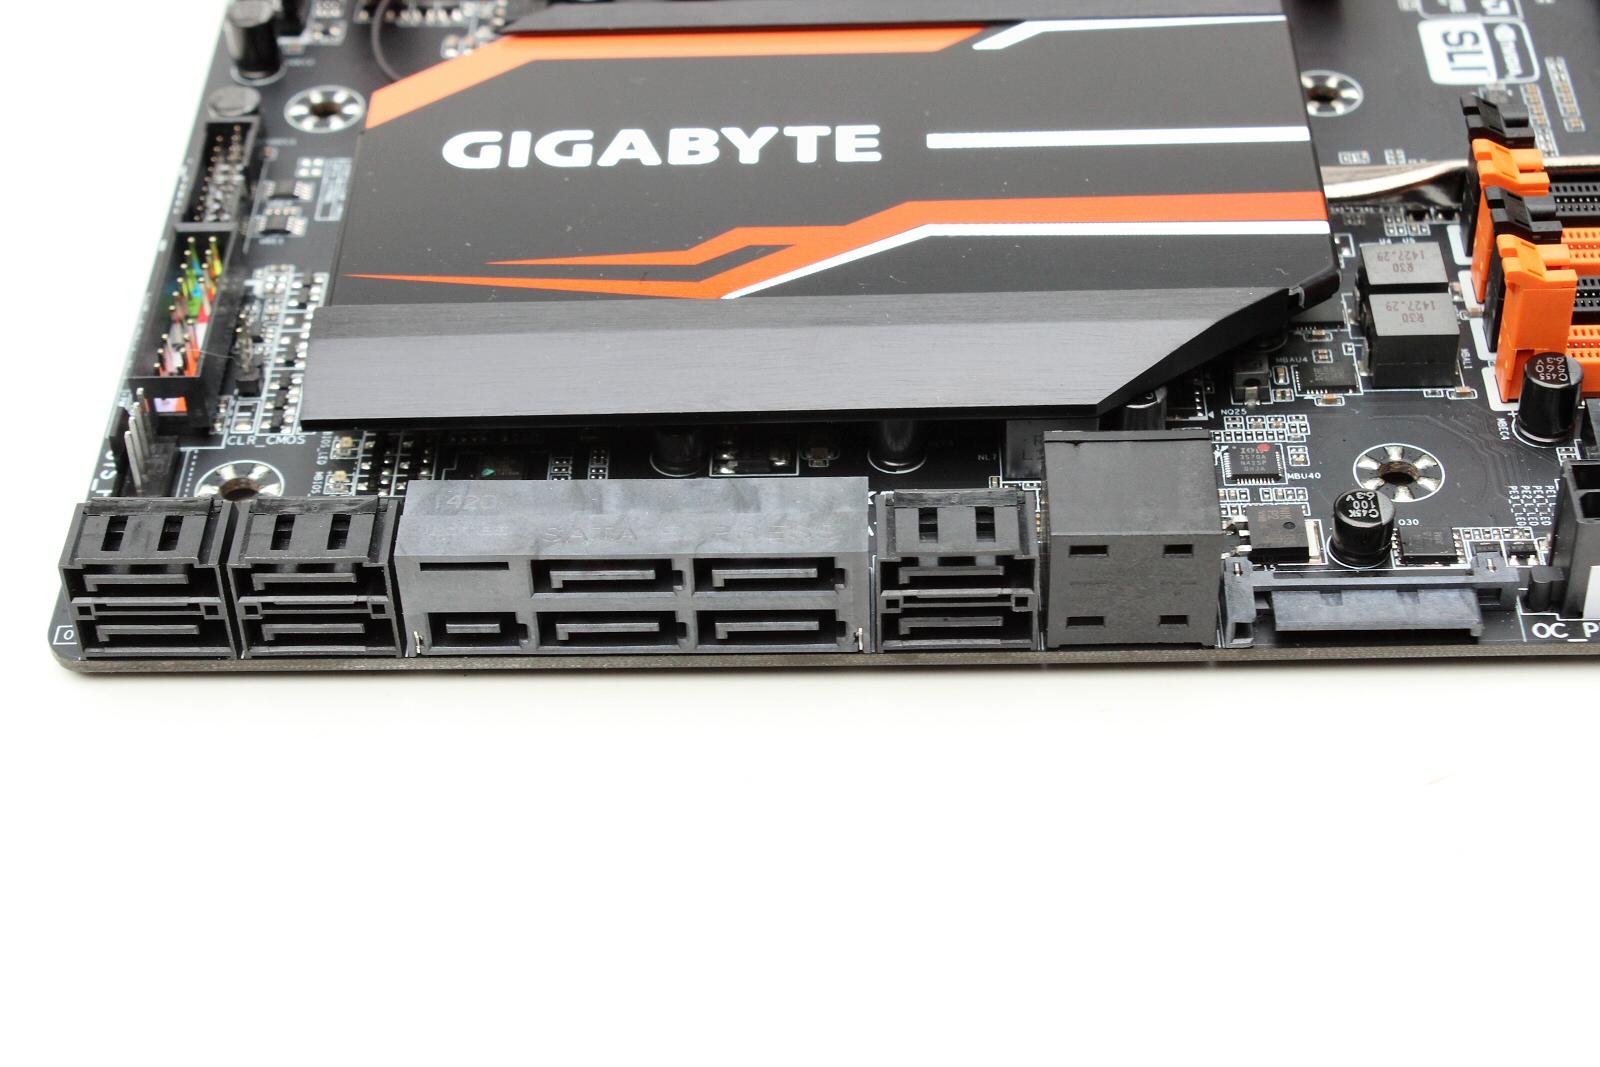 [Preview] GIGABYTE X99-SOC Force-img_5460.jpg